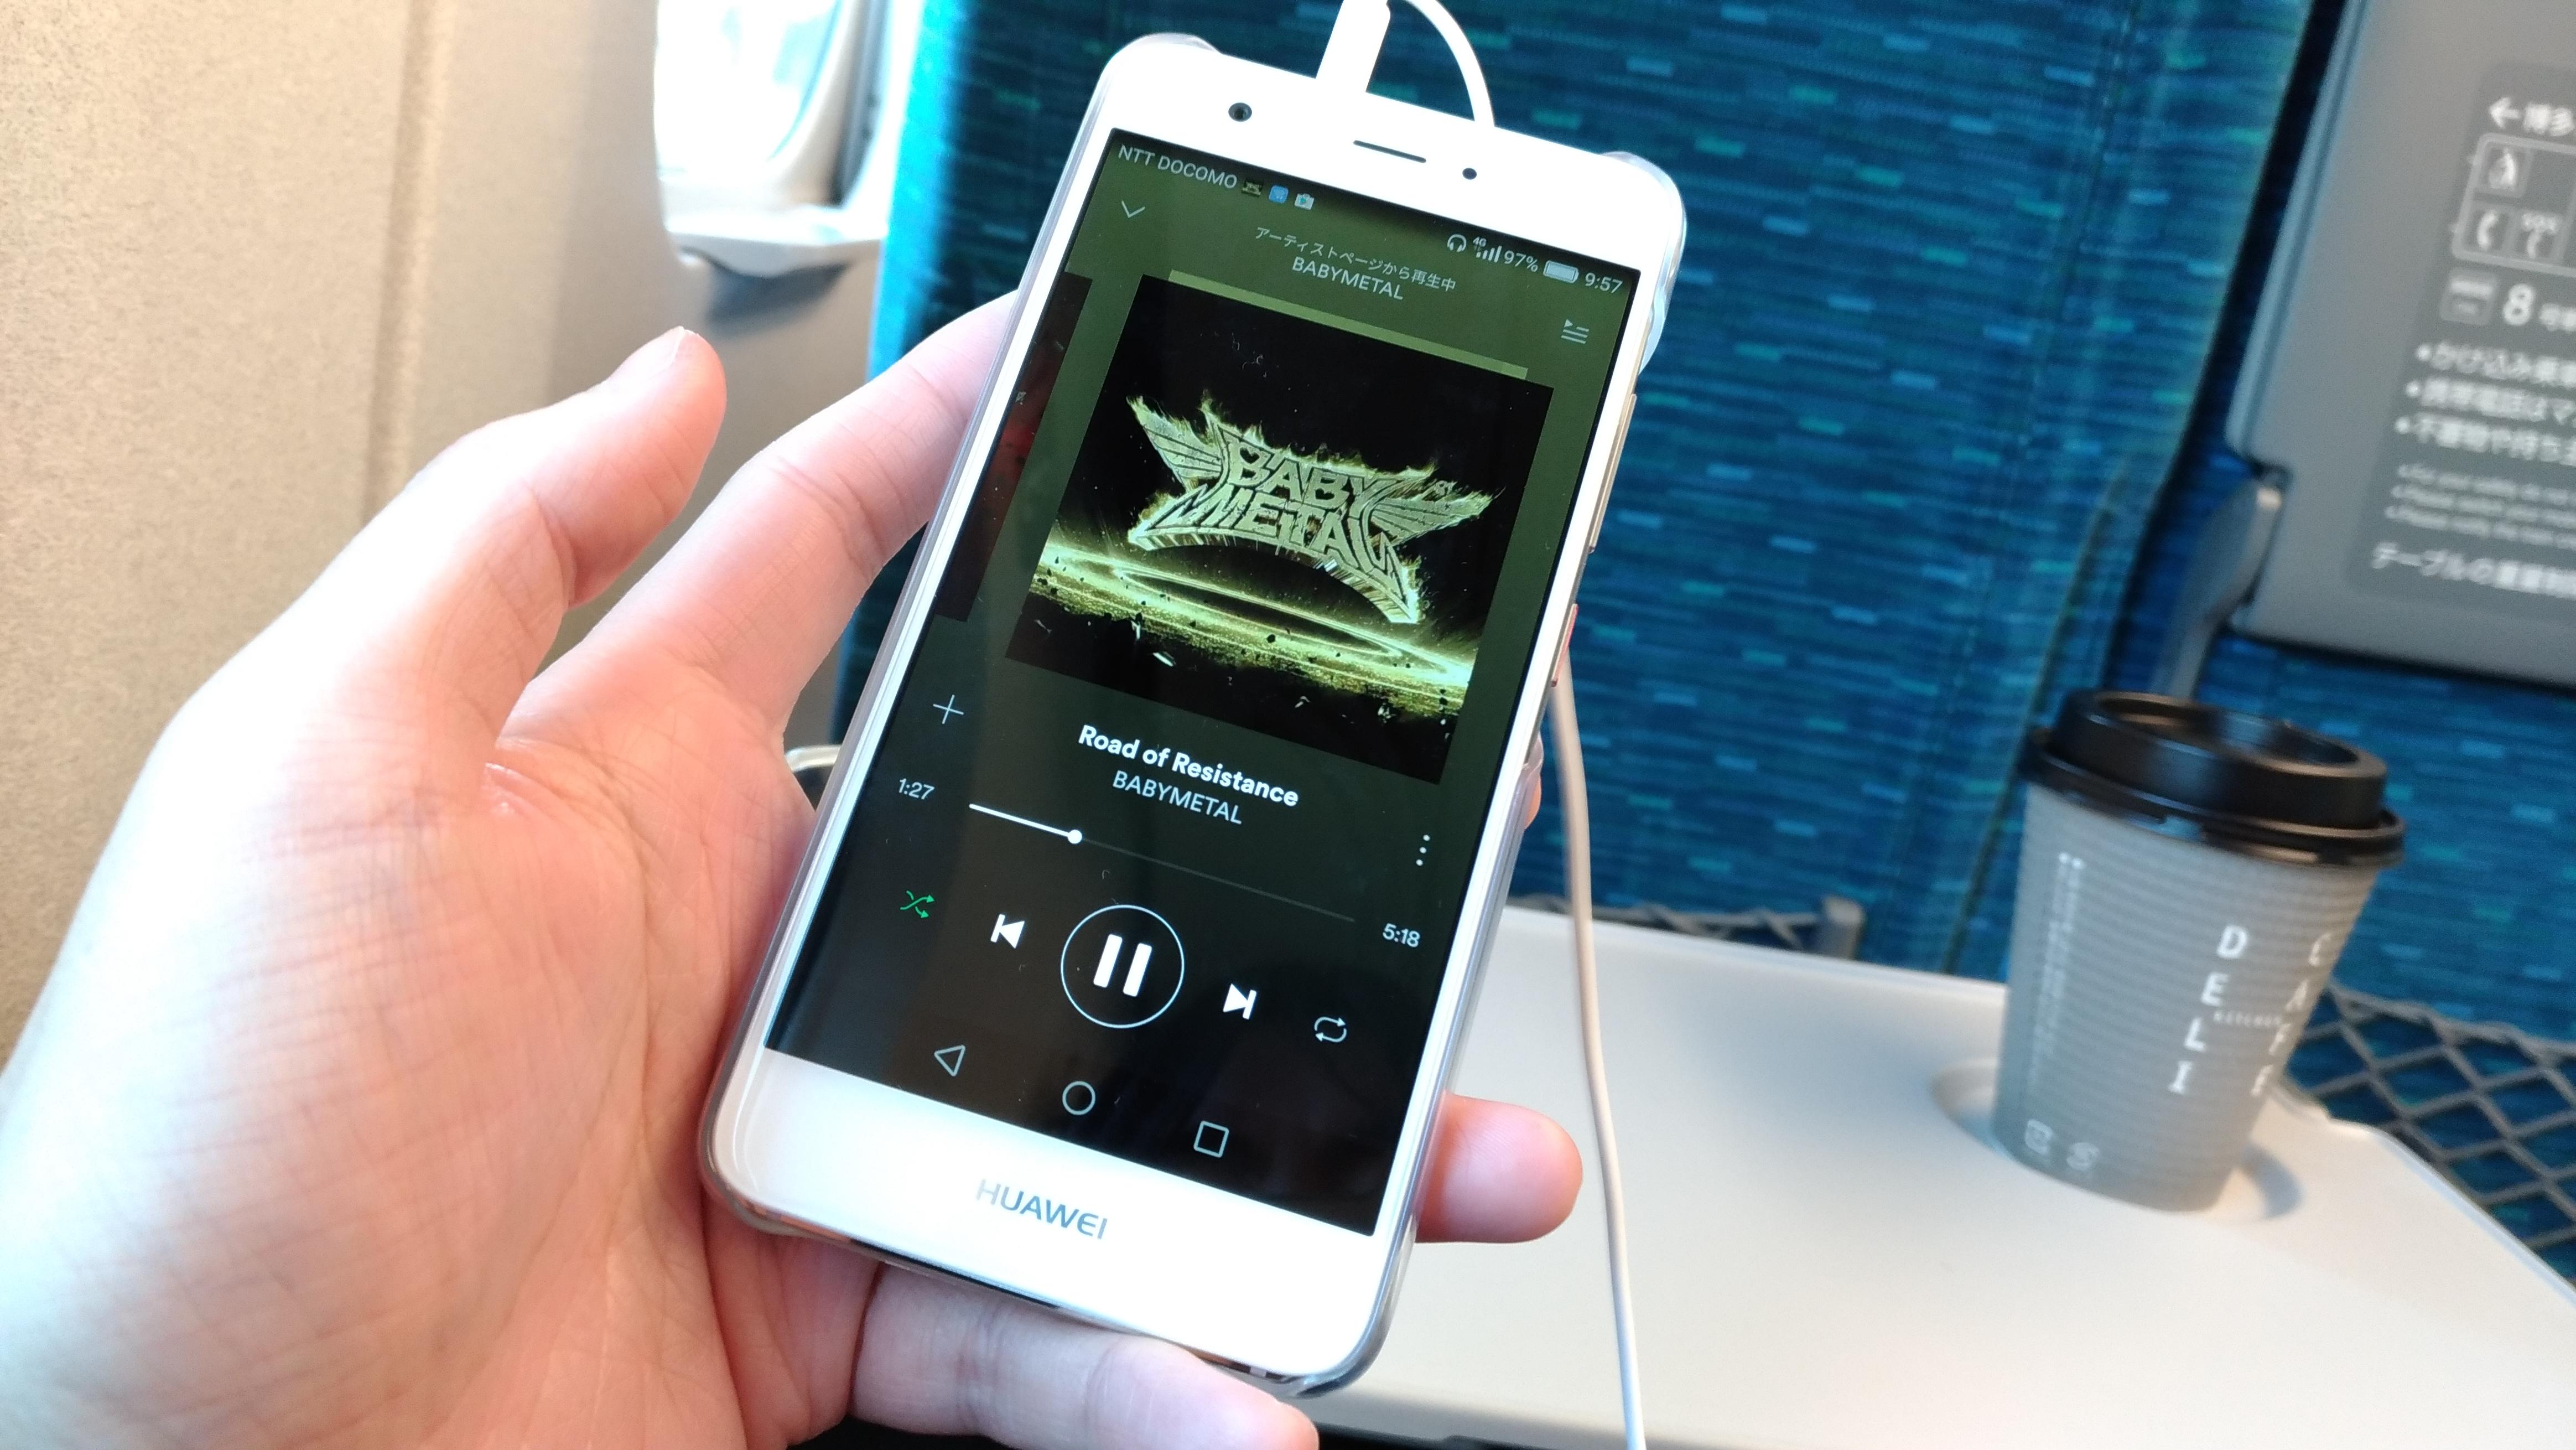 Spotify(音楽ストリーミングサービス)